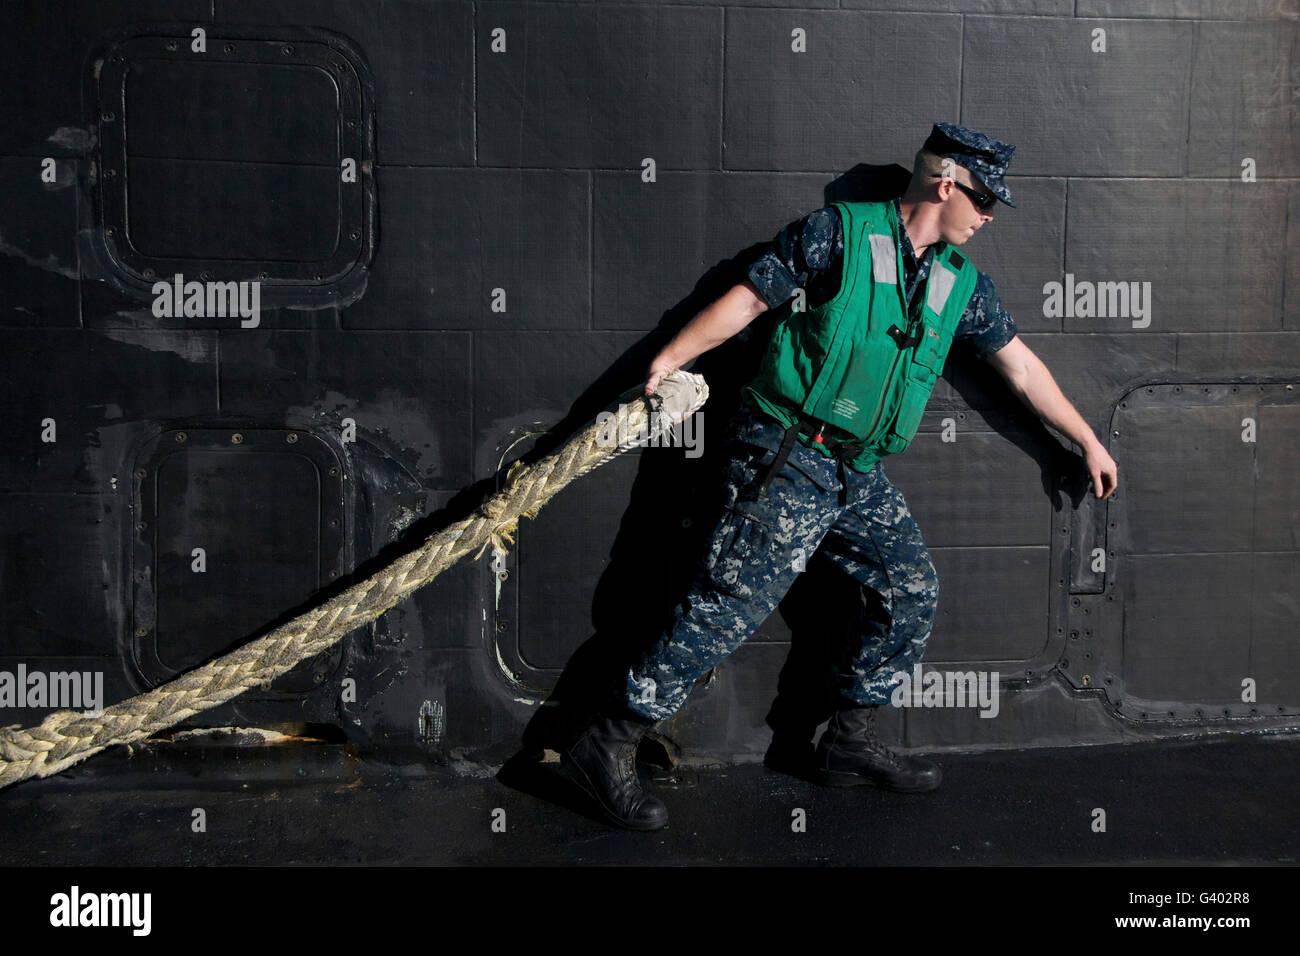 Brandschutz-Techniker schleppt eine dicke Linie aus dem Hafen Schlepper. Stockbild